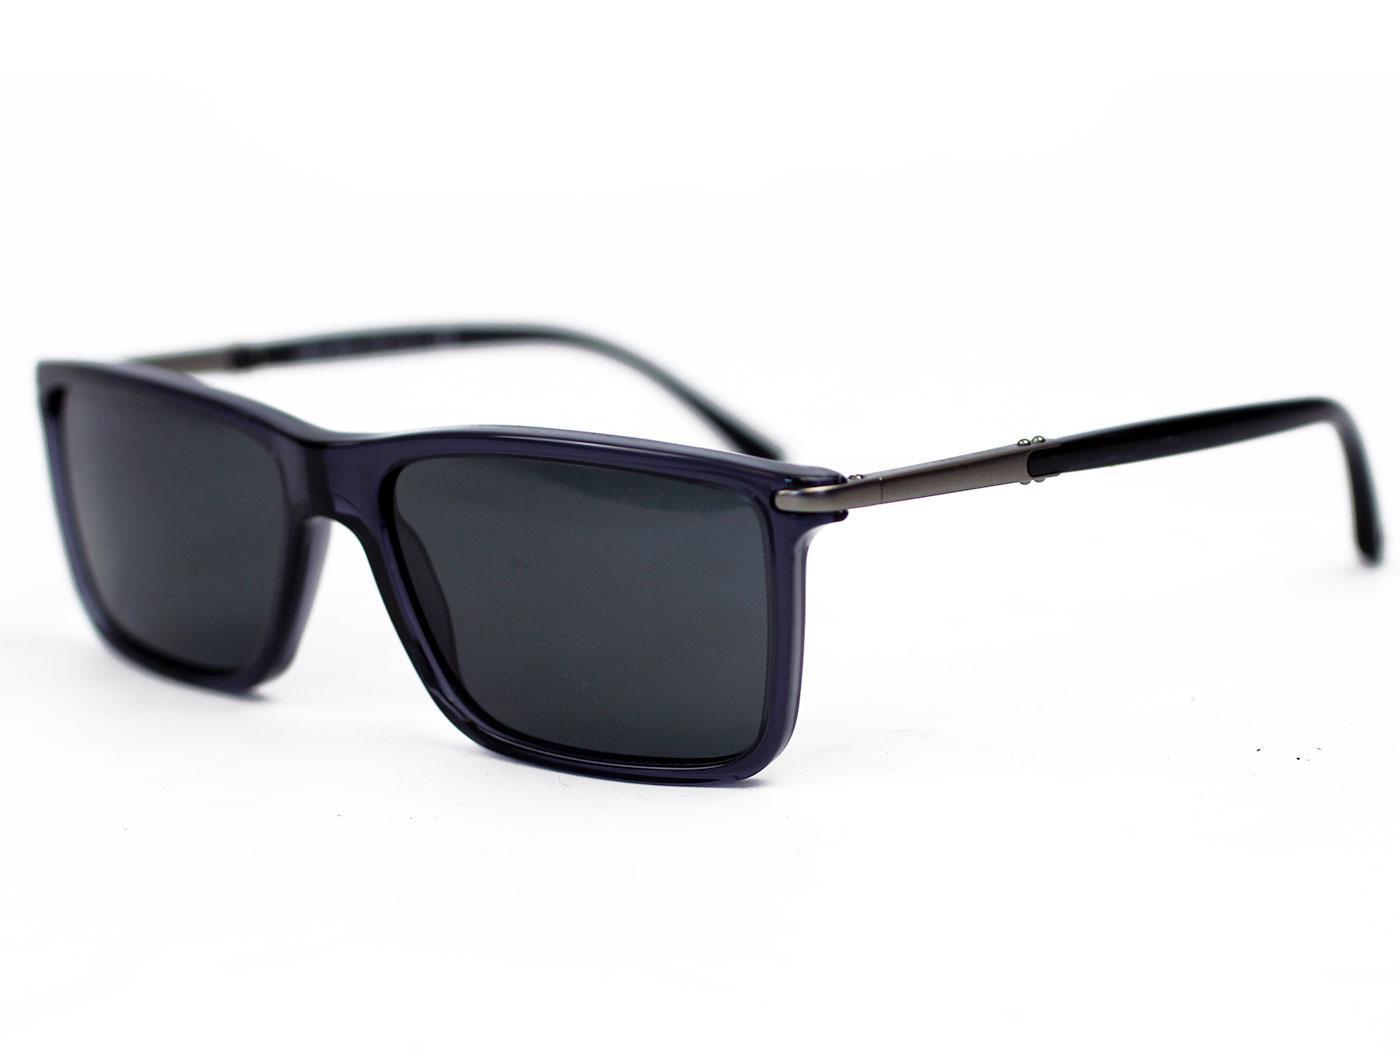 f2986639e Giorgio Armani Retro Mod Wayfarer Sunglasses in Dark Grey 0AR8010